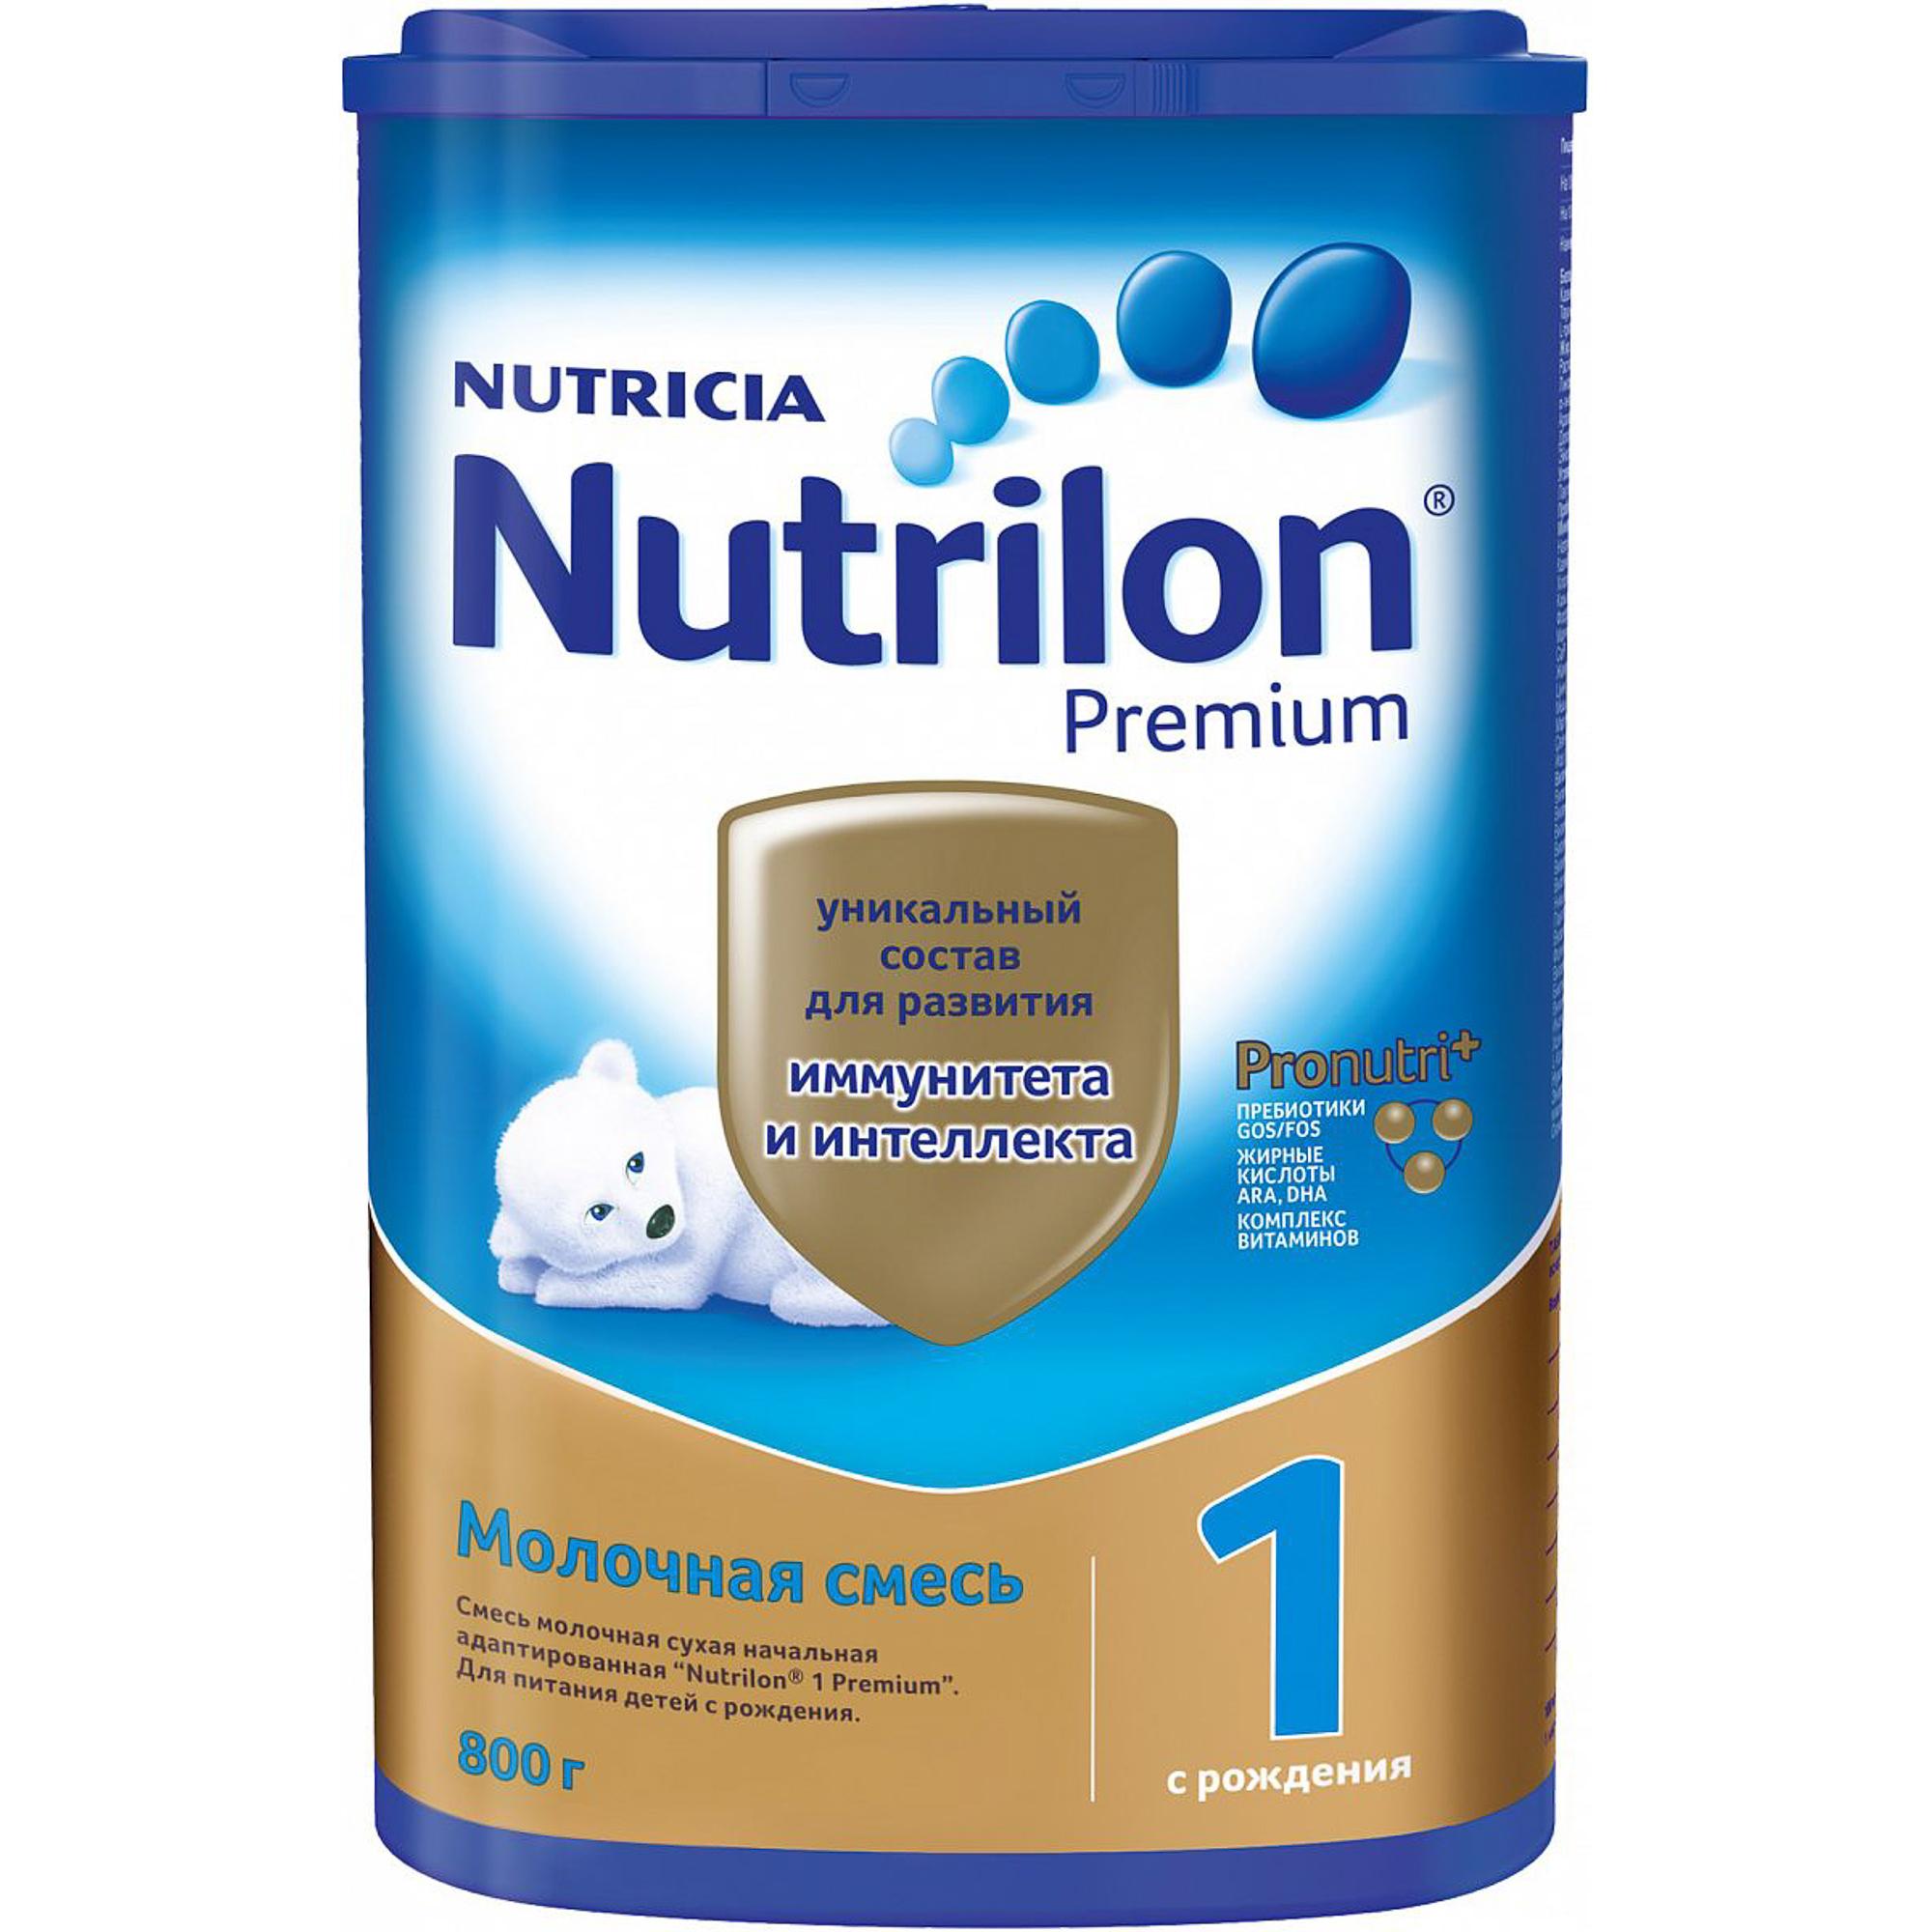 Смесь молочная Nutrilon 1 Premium с рождения 800 г молочная смесь nutricia nutrilon nutricia 1 premium c рождения 800 г